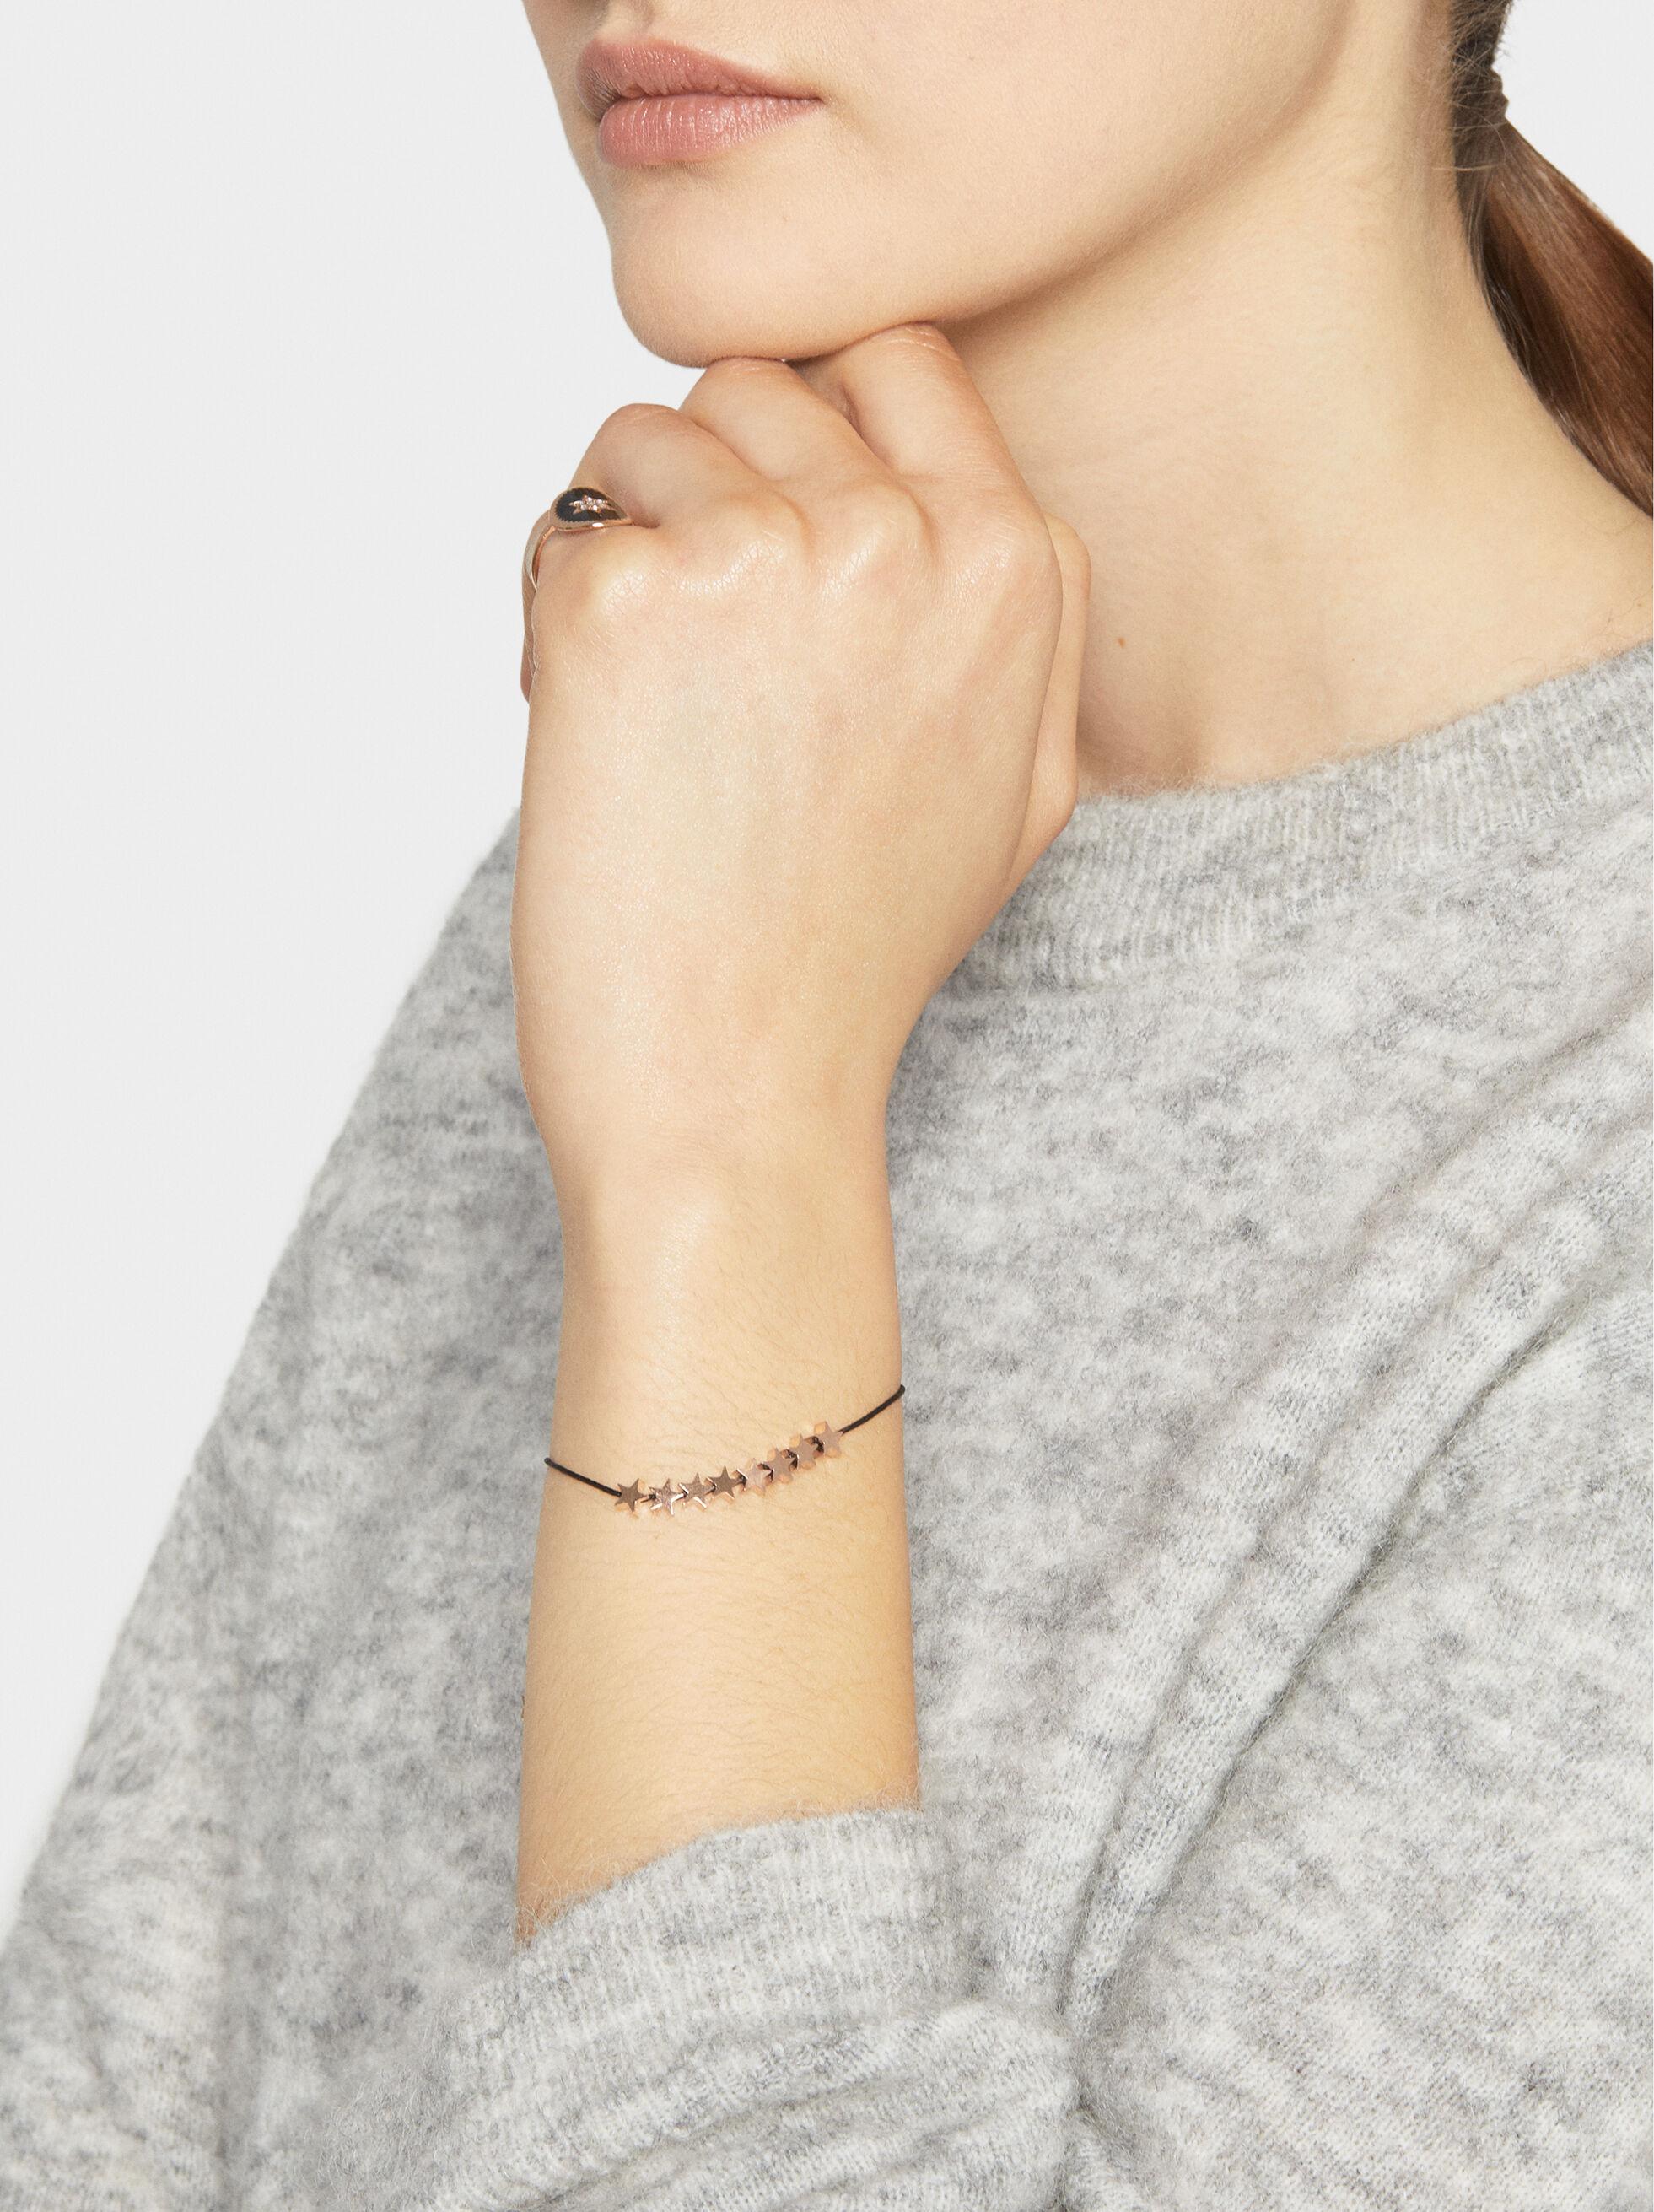 Adjustable Steel Bracelet With Stars, Orange, hi-res